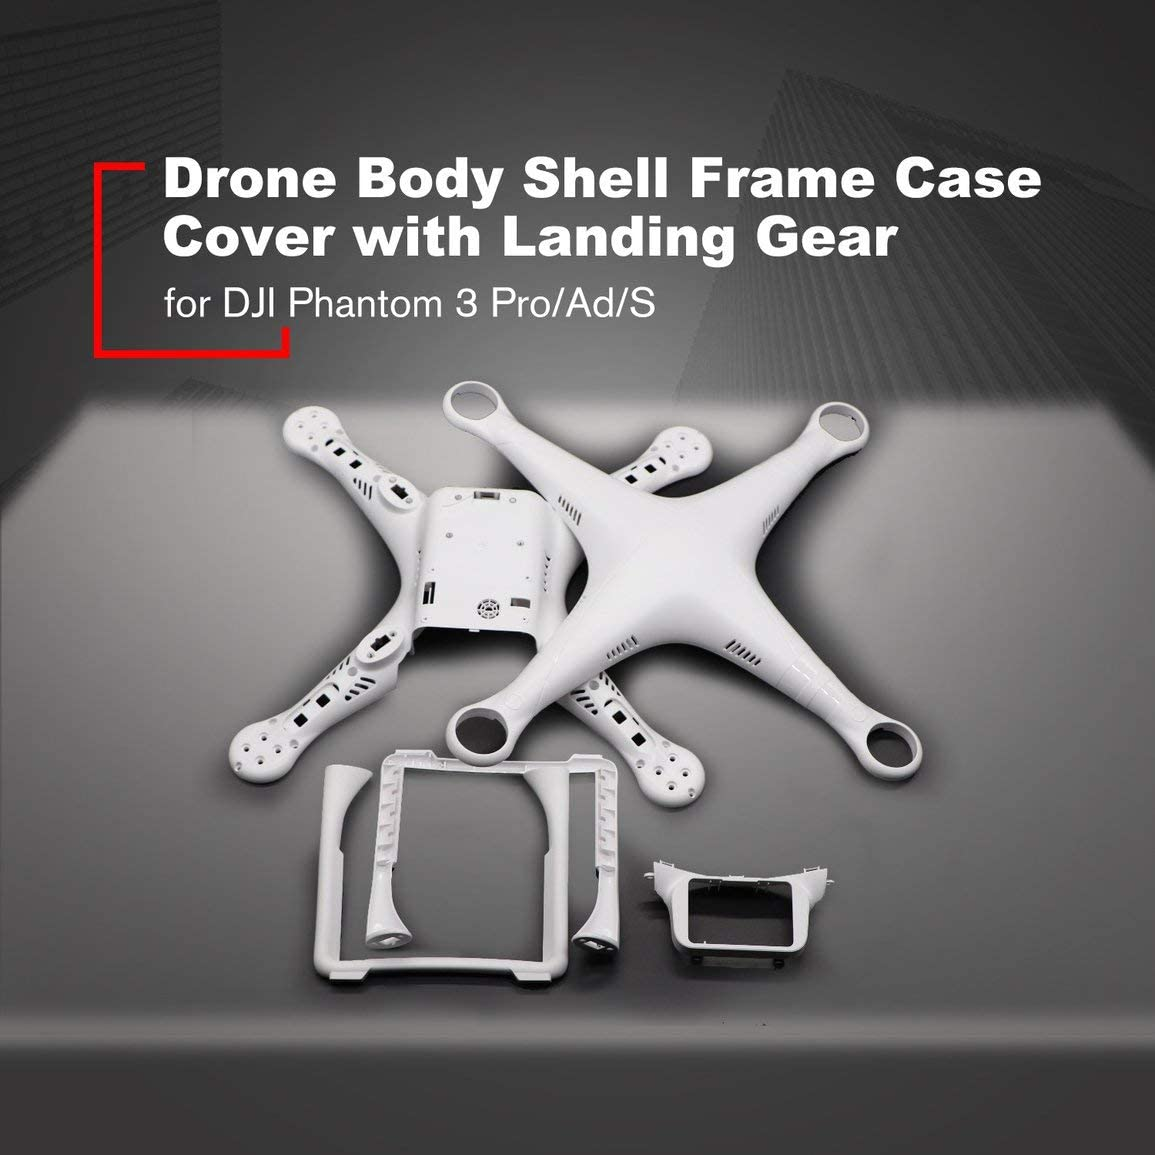 Drone K/örper Shell-Feld-Fall-Abdeckung mit Fahrwerk f/ür DJI Phantom 3 Professional Advanced Standard Quadcopter Ersatzteile